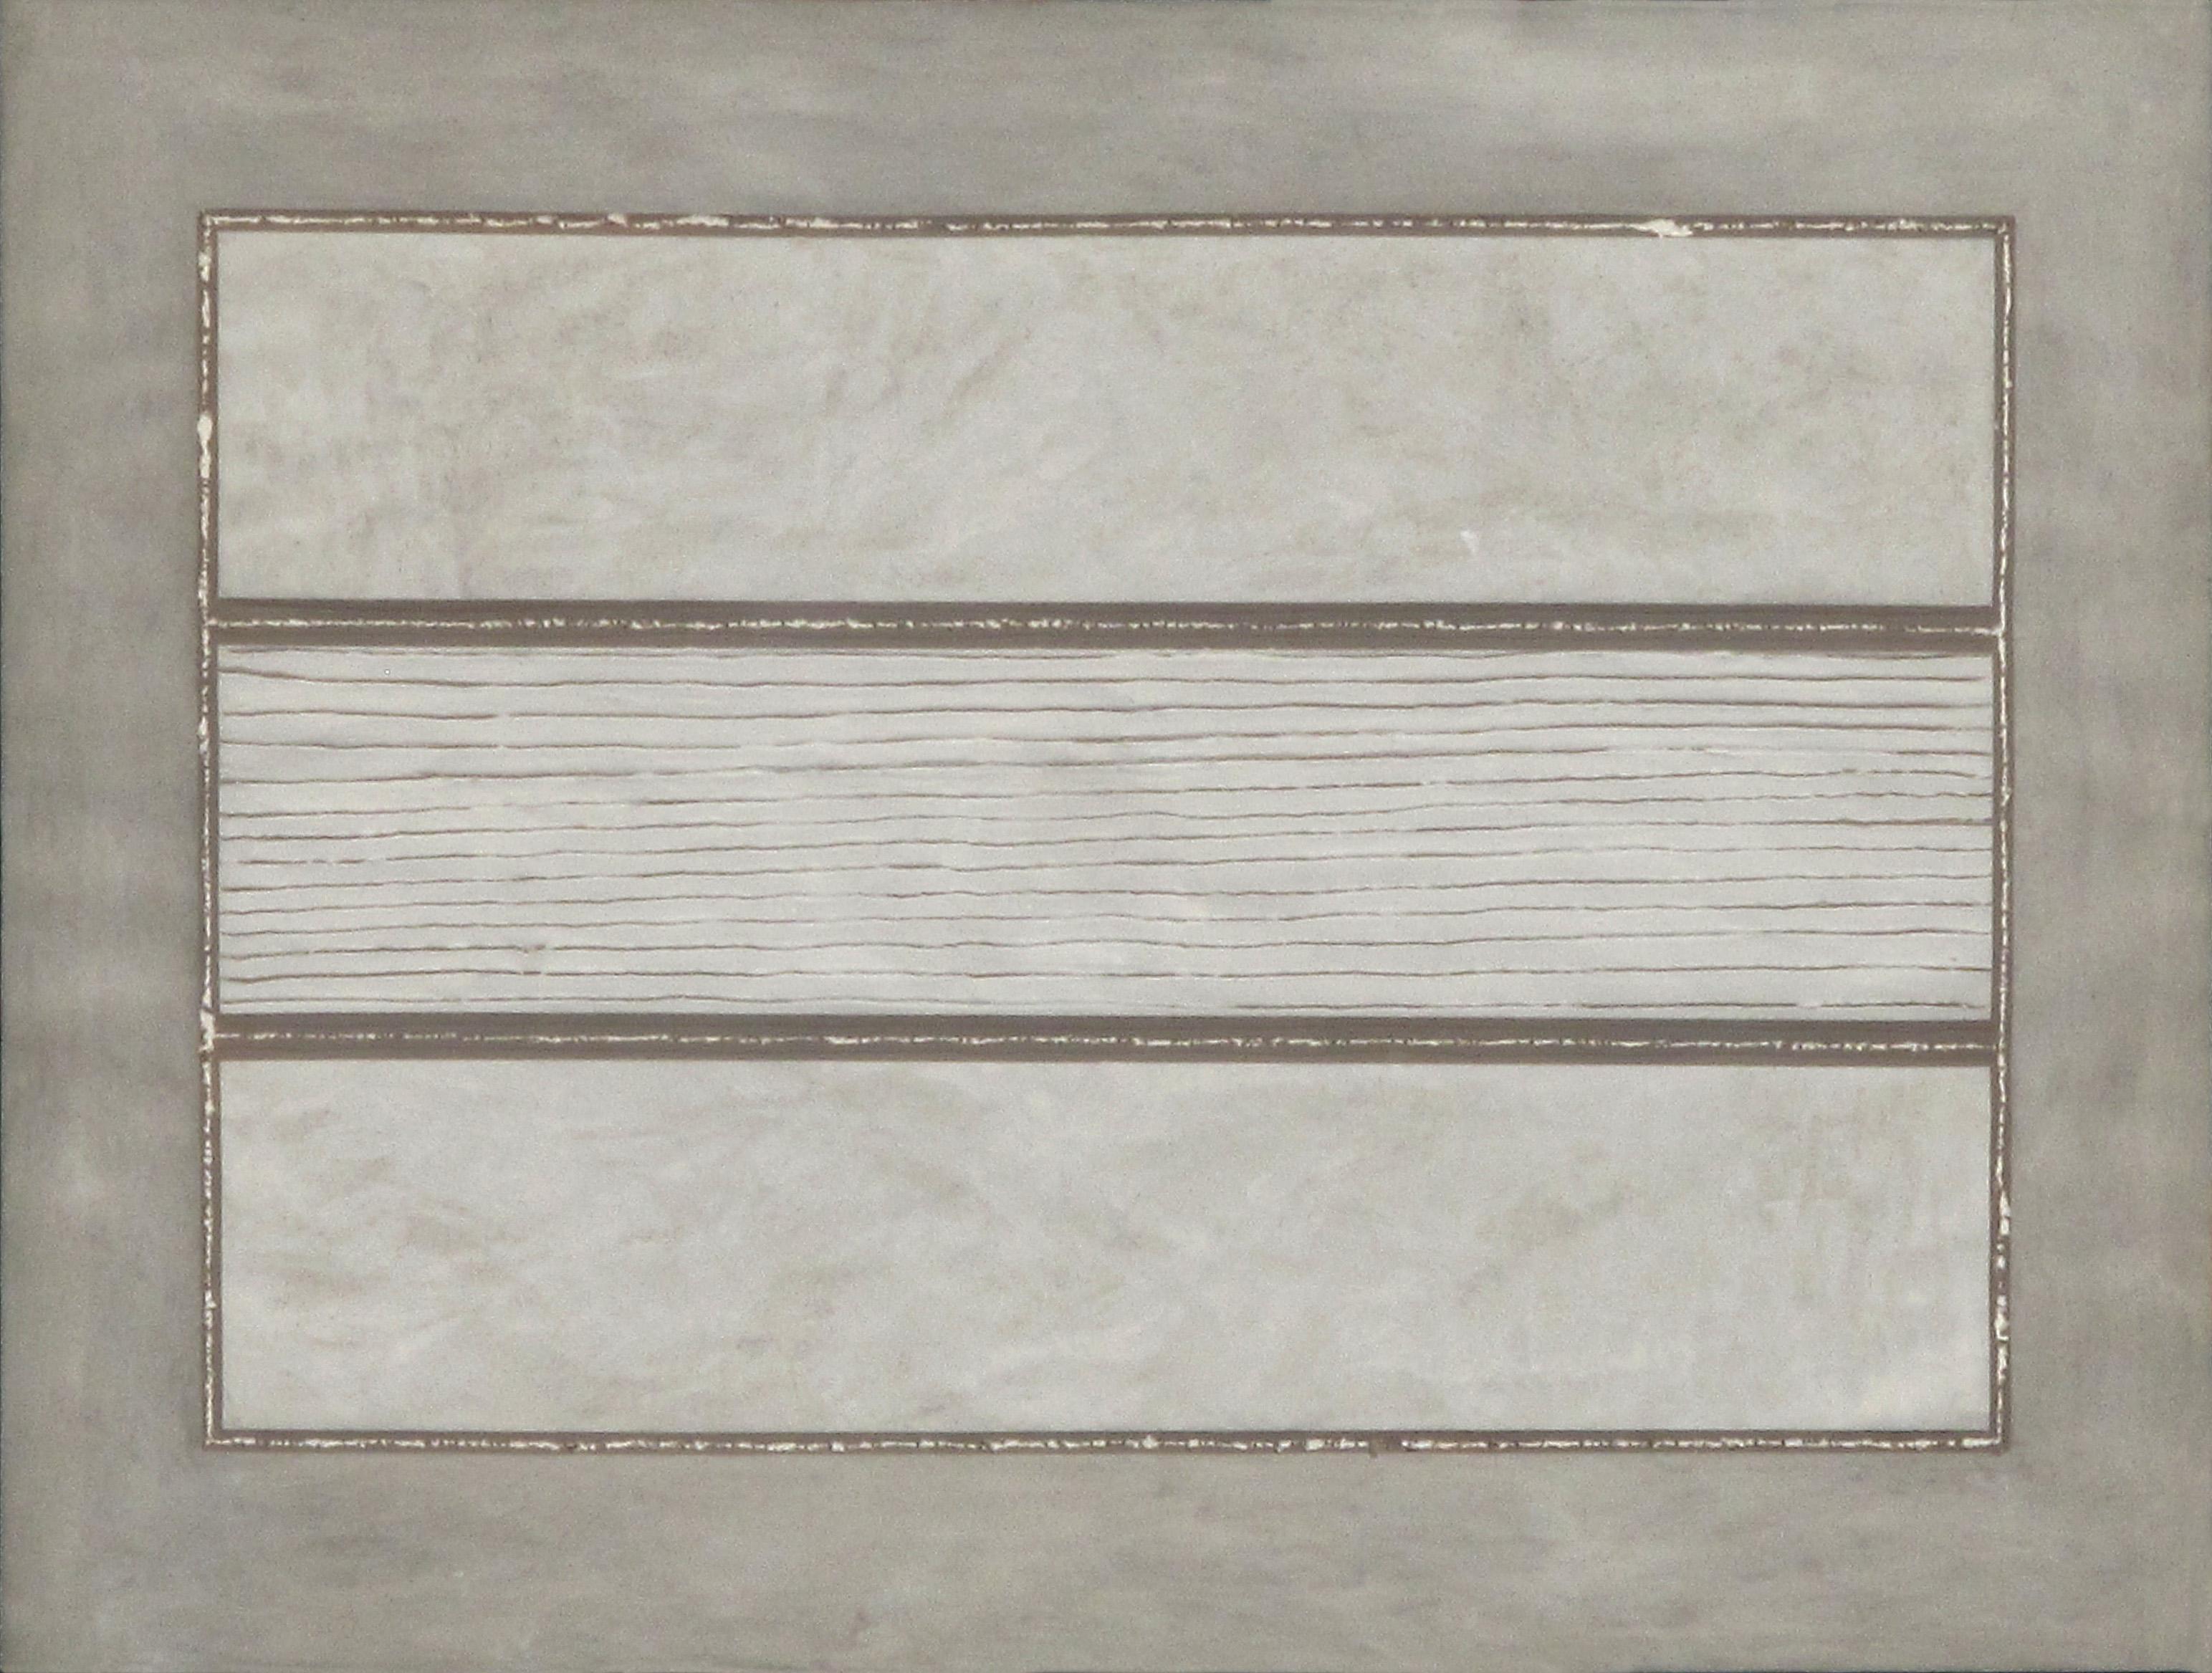 Stesure, 1975, cemento e collante su tempera grigia su cartoncino, cm 100x70